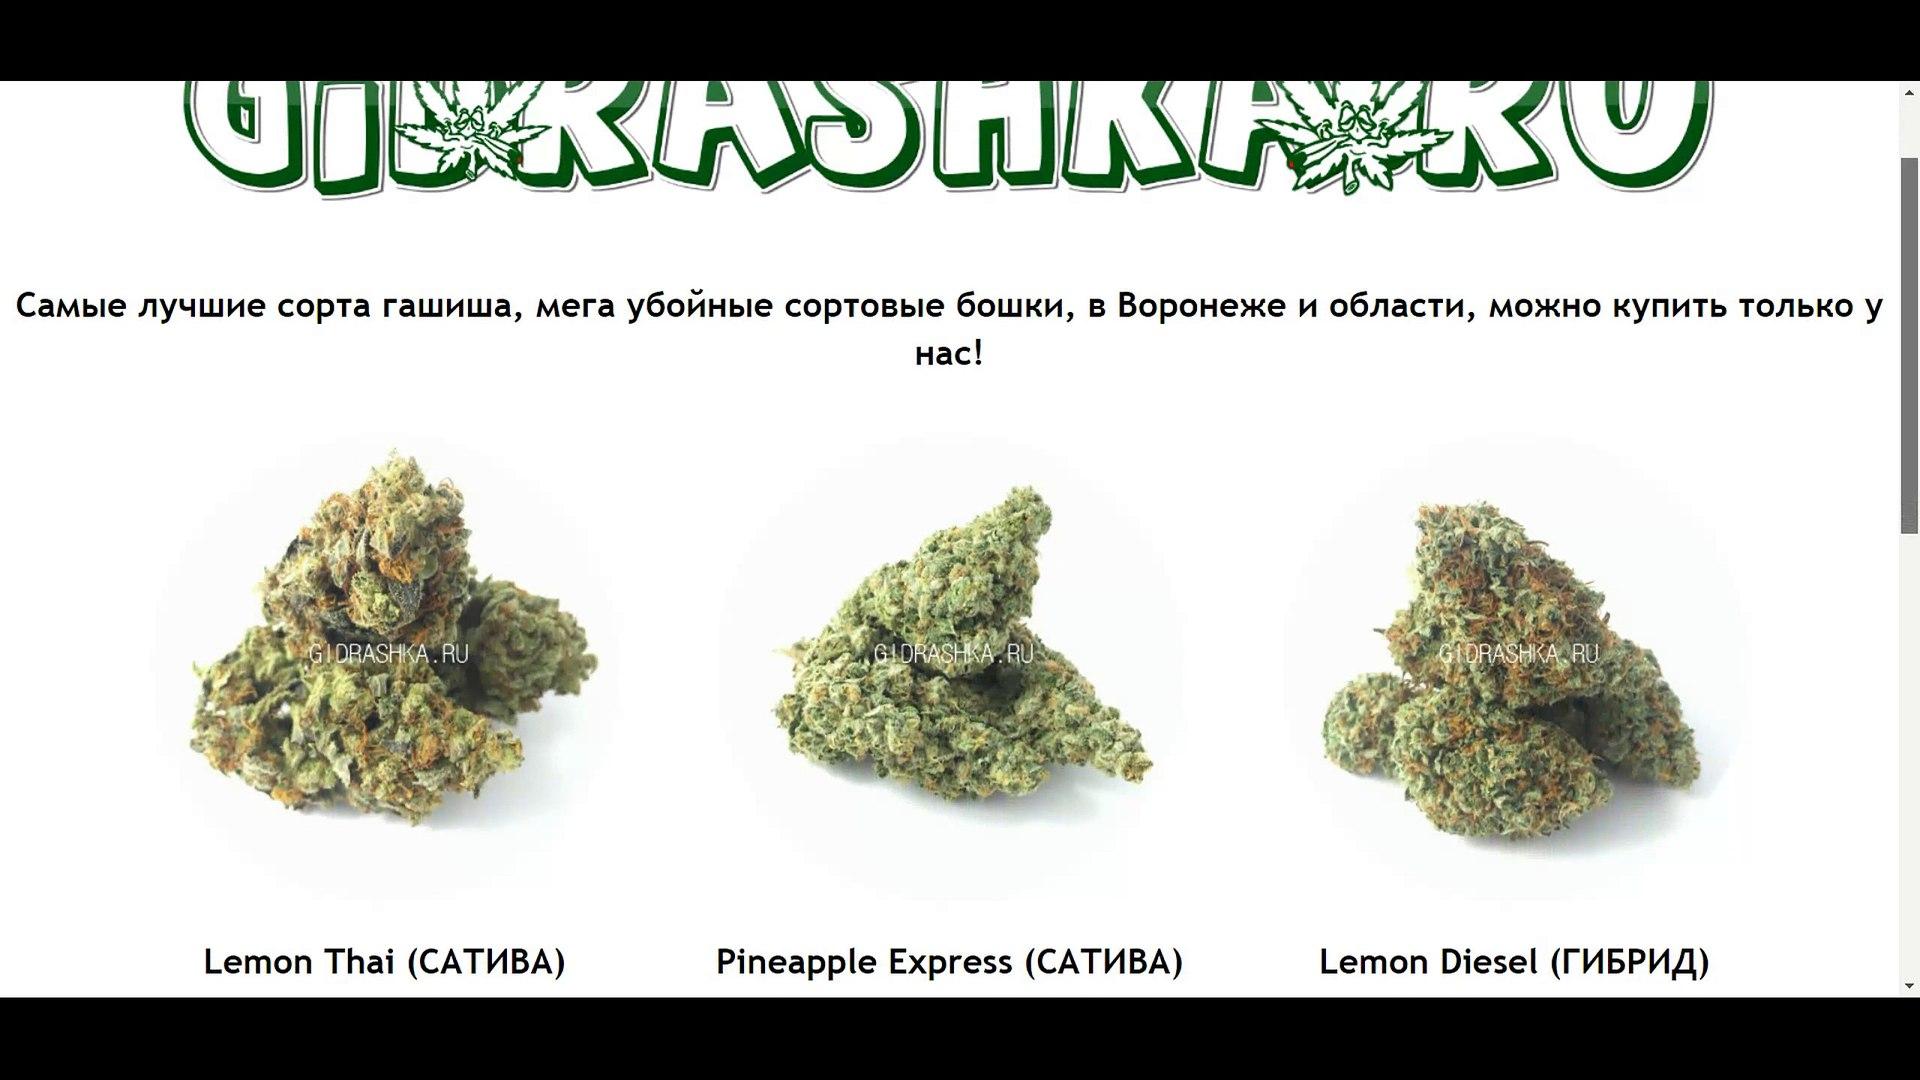 В воронеже марихуана купить выращивать можно себя коноплю для ли